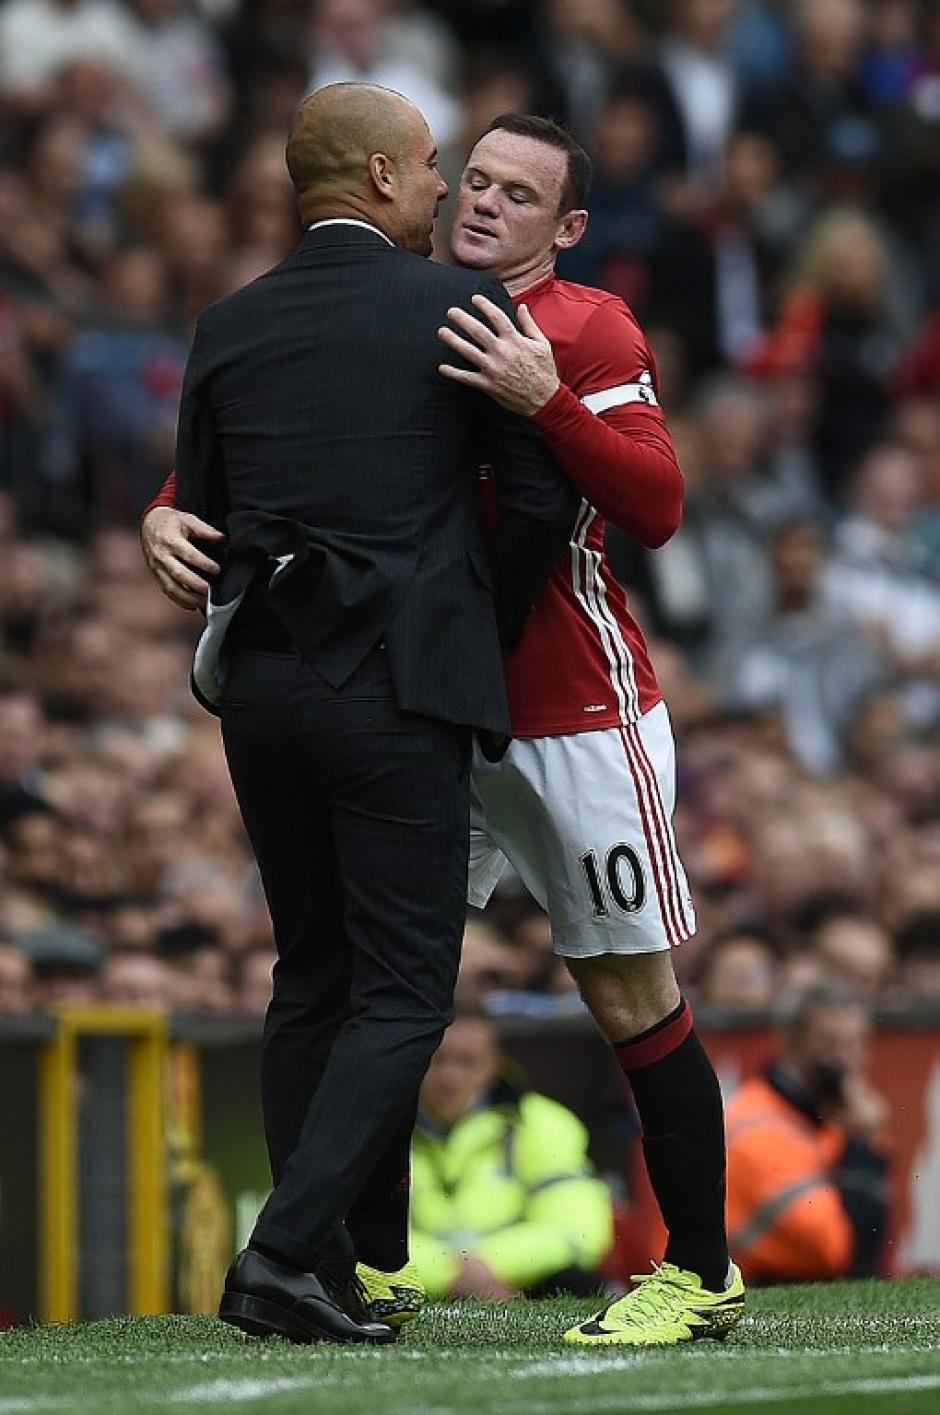 El jugador inglés se enfadó y forcejeó con Guardiola. (Foto: AFP)